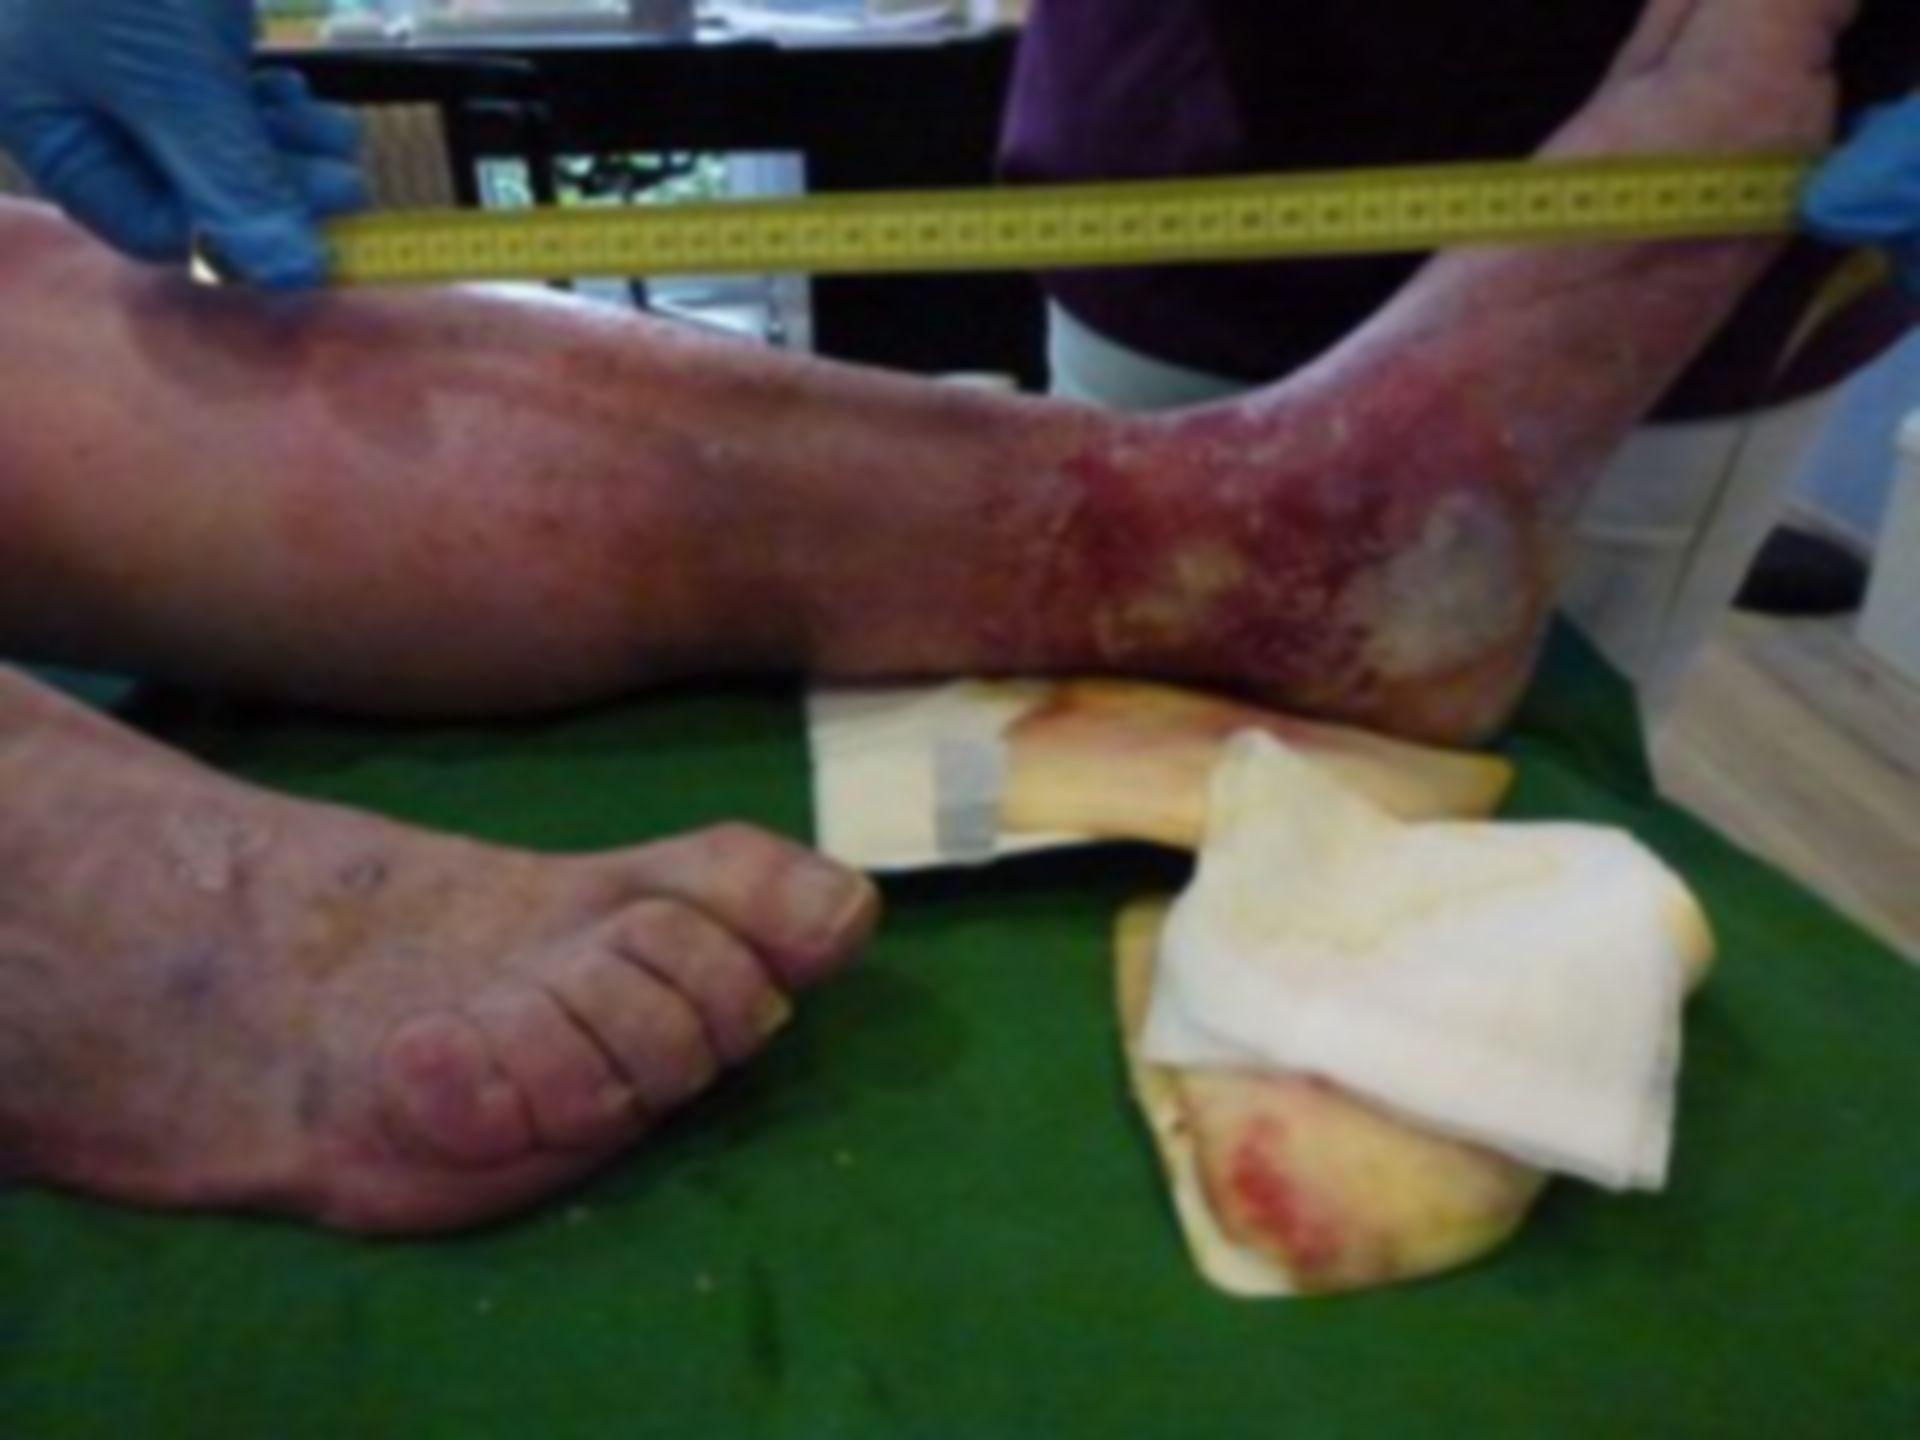 Úlcera de la pierna - Cerrada dentro de 72 horas (11)